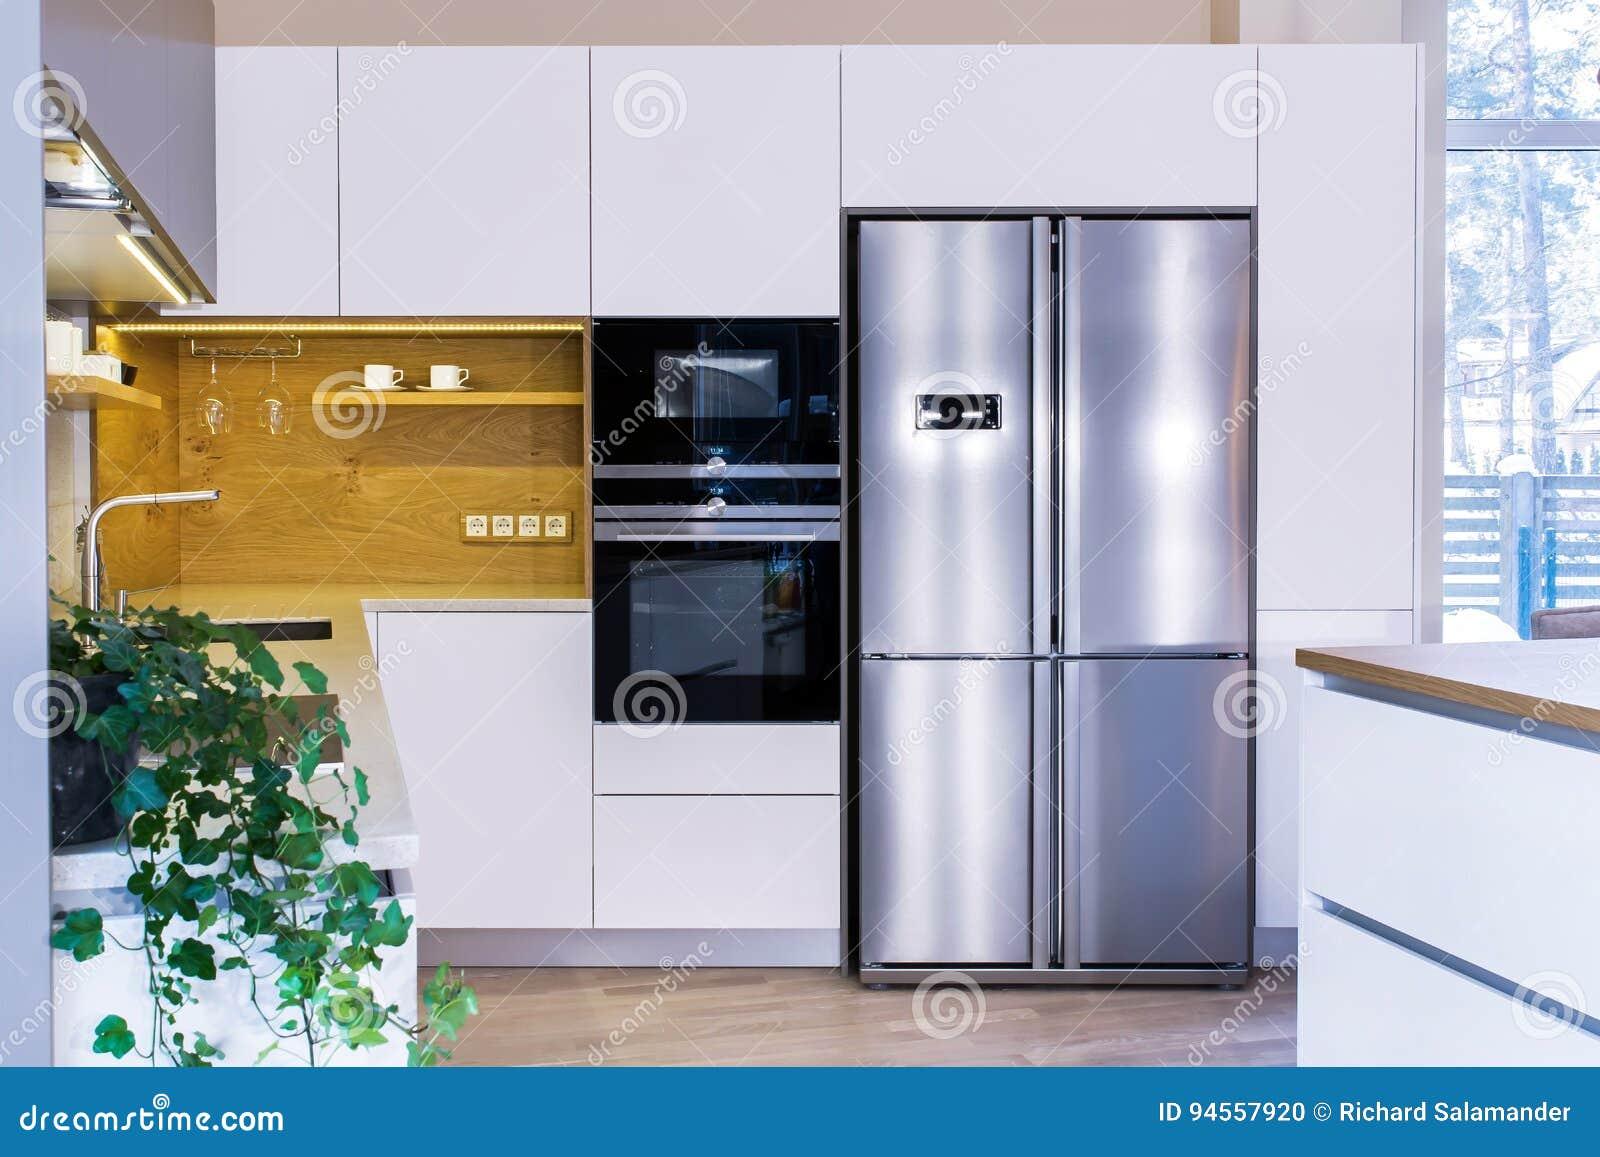 Modern kitchen design in light interior.